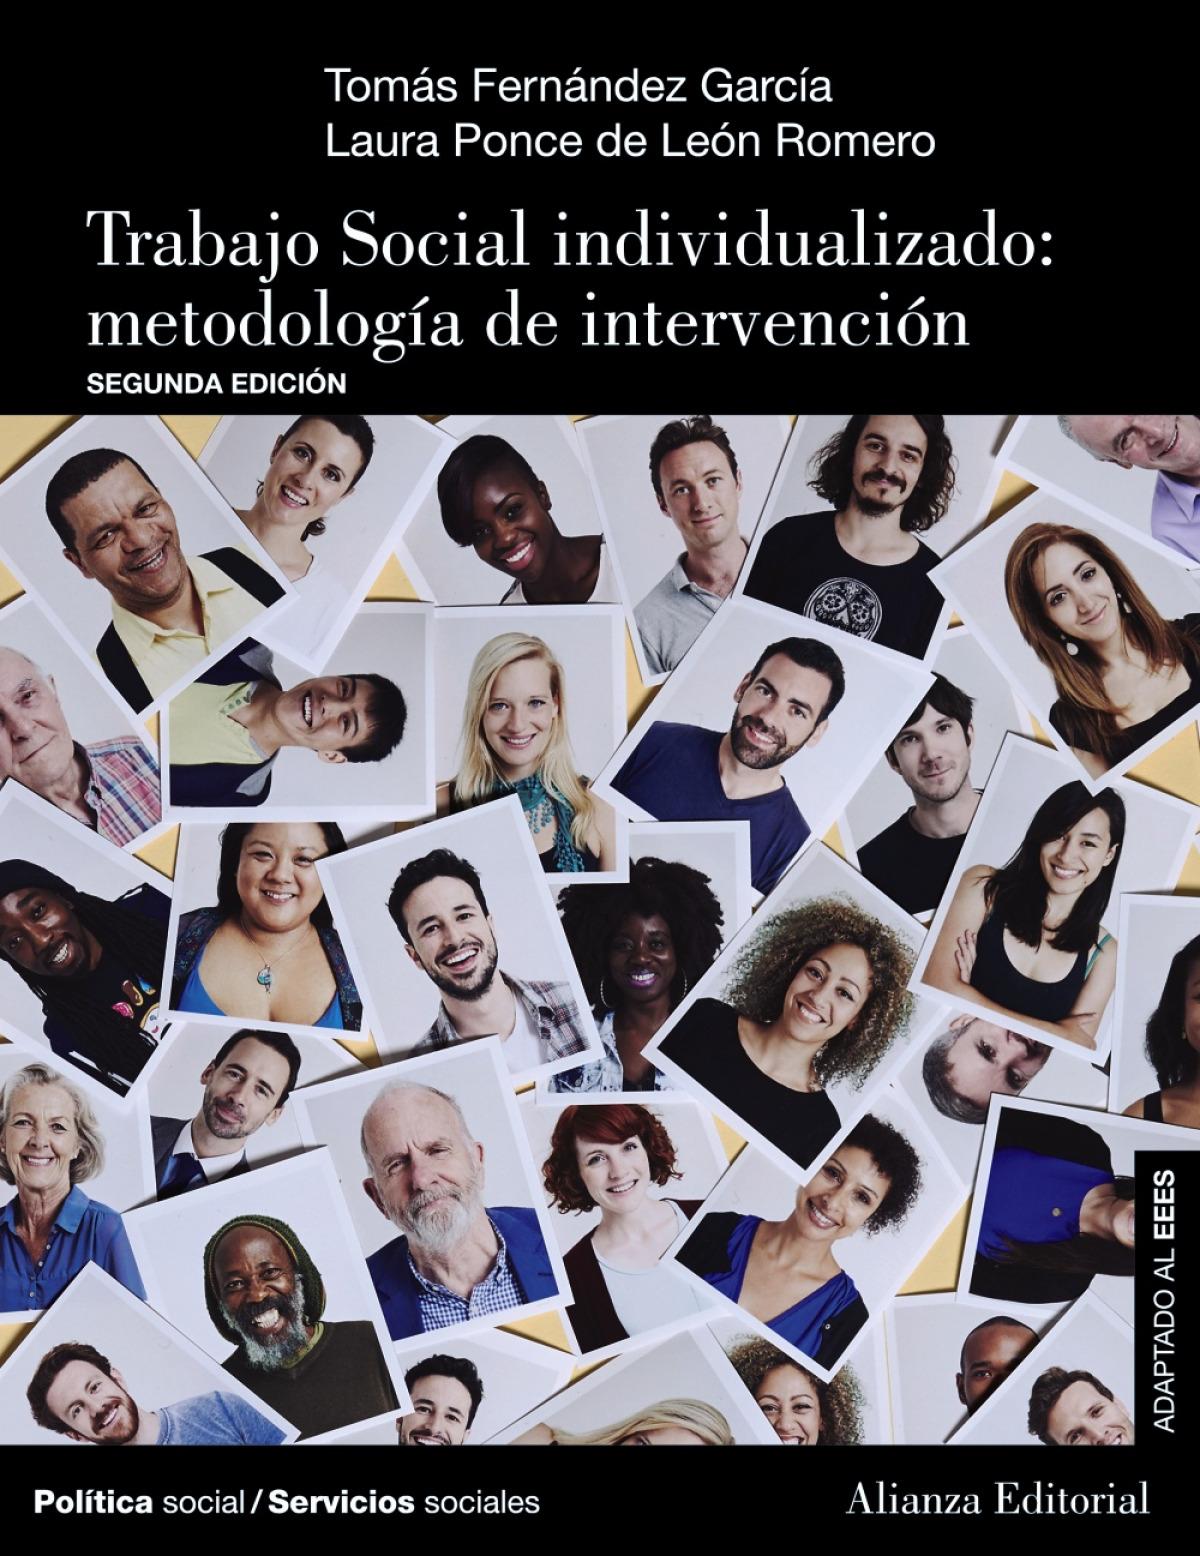 Trabajo Social individualizado: metodología de intervención (2.ª edición)